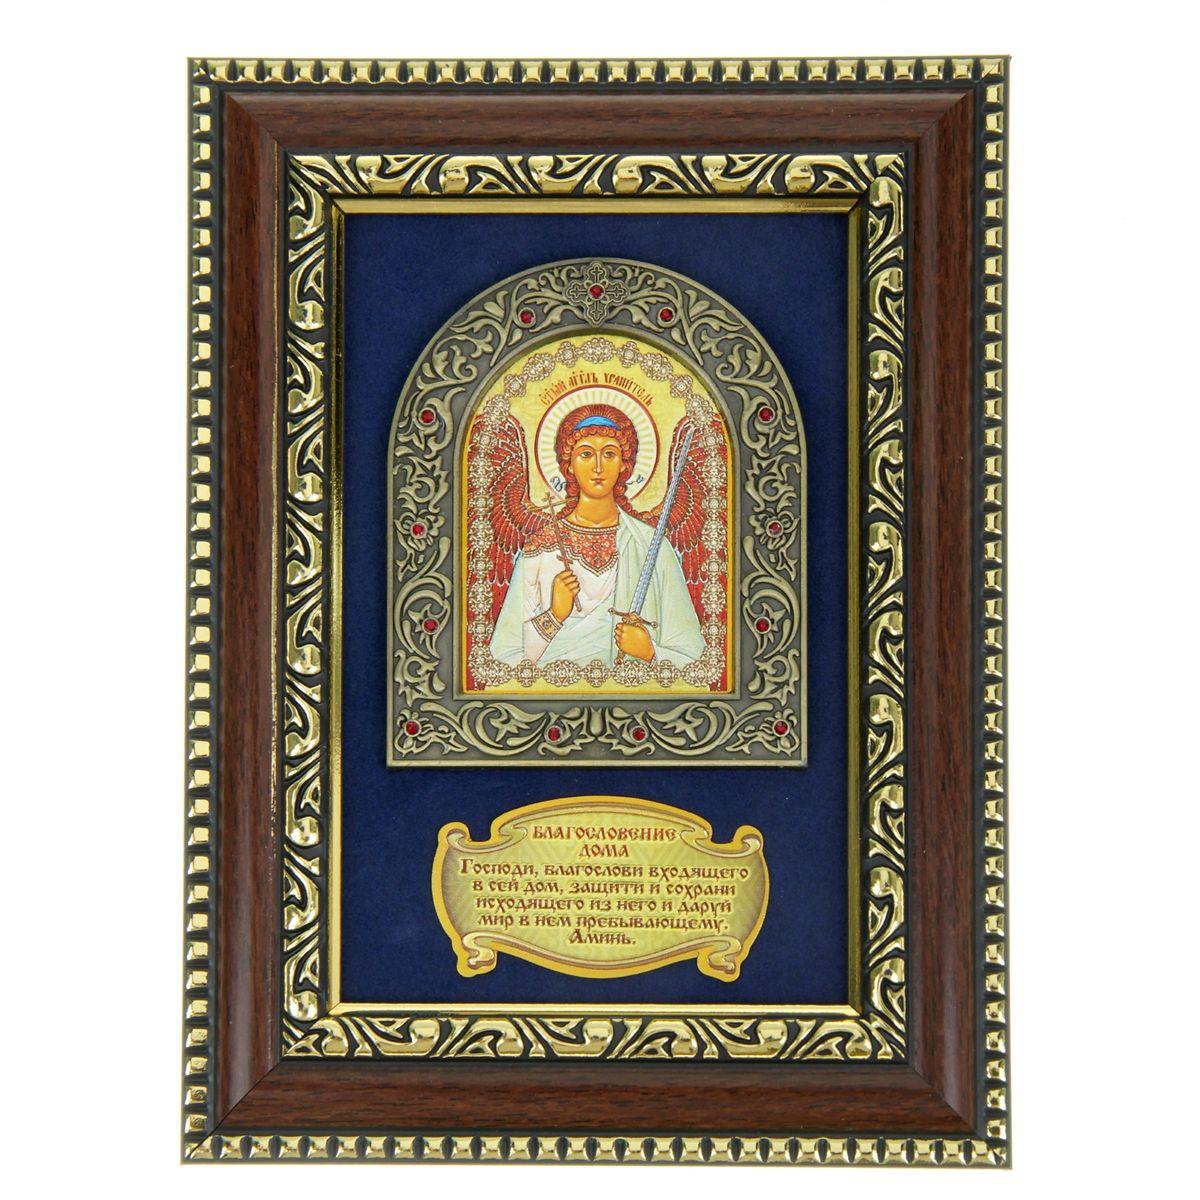 Панно-икона Ангел-Хранитель, 14,5 см х 19,5 см871073Панно-икона Ангел-Хранитель представляет собой небольшую икону, размещенную на картонной подложке синего цвета. Ниже расположена табличка с молитвой Благословение дома. Господи, благослови входящего в сей дом, защити и сохрани исходящего из него и даруй мир в нем пребывающему. Аминь. Икона обрамлена в металлическую рамку, украшенную изысканным рельефом и инкрустированную мелкими красными стразами. Рамка для панно с золотистым узорным рельефом выполнена из дерева. Панно можно подвесить на стену или поставить на стол, для чего с задней стороны предусмотрена специальная ножка. Любое помещение выглядит незавершенным без правильно расположенных предметов интерьера. Они помогают создать уют, расставить акценты, подчеркнуть достоинства или скрыть недостатки. Не бывает незначительных деталей. Из мелочей складывается образ человека и стиль интерьера. Панно-икона Ангел-Хранитель - одна из тех деталей, которые придают дому обжитой вид и создают ощущение уюта.